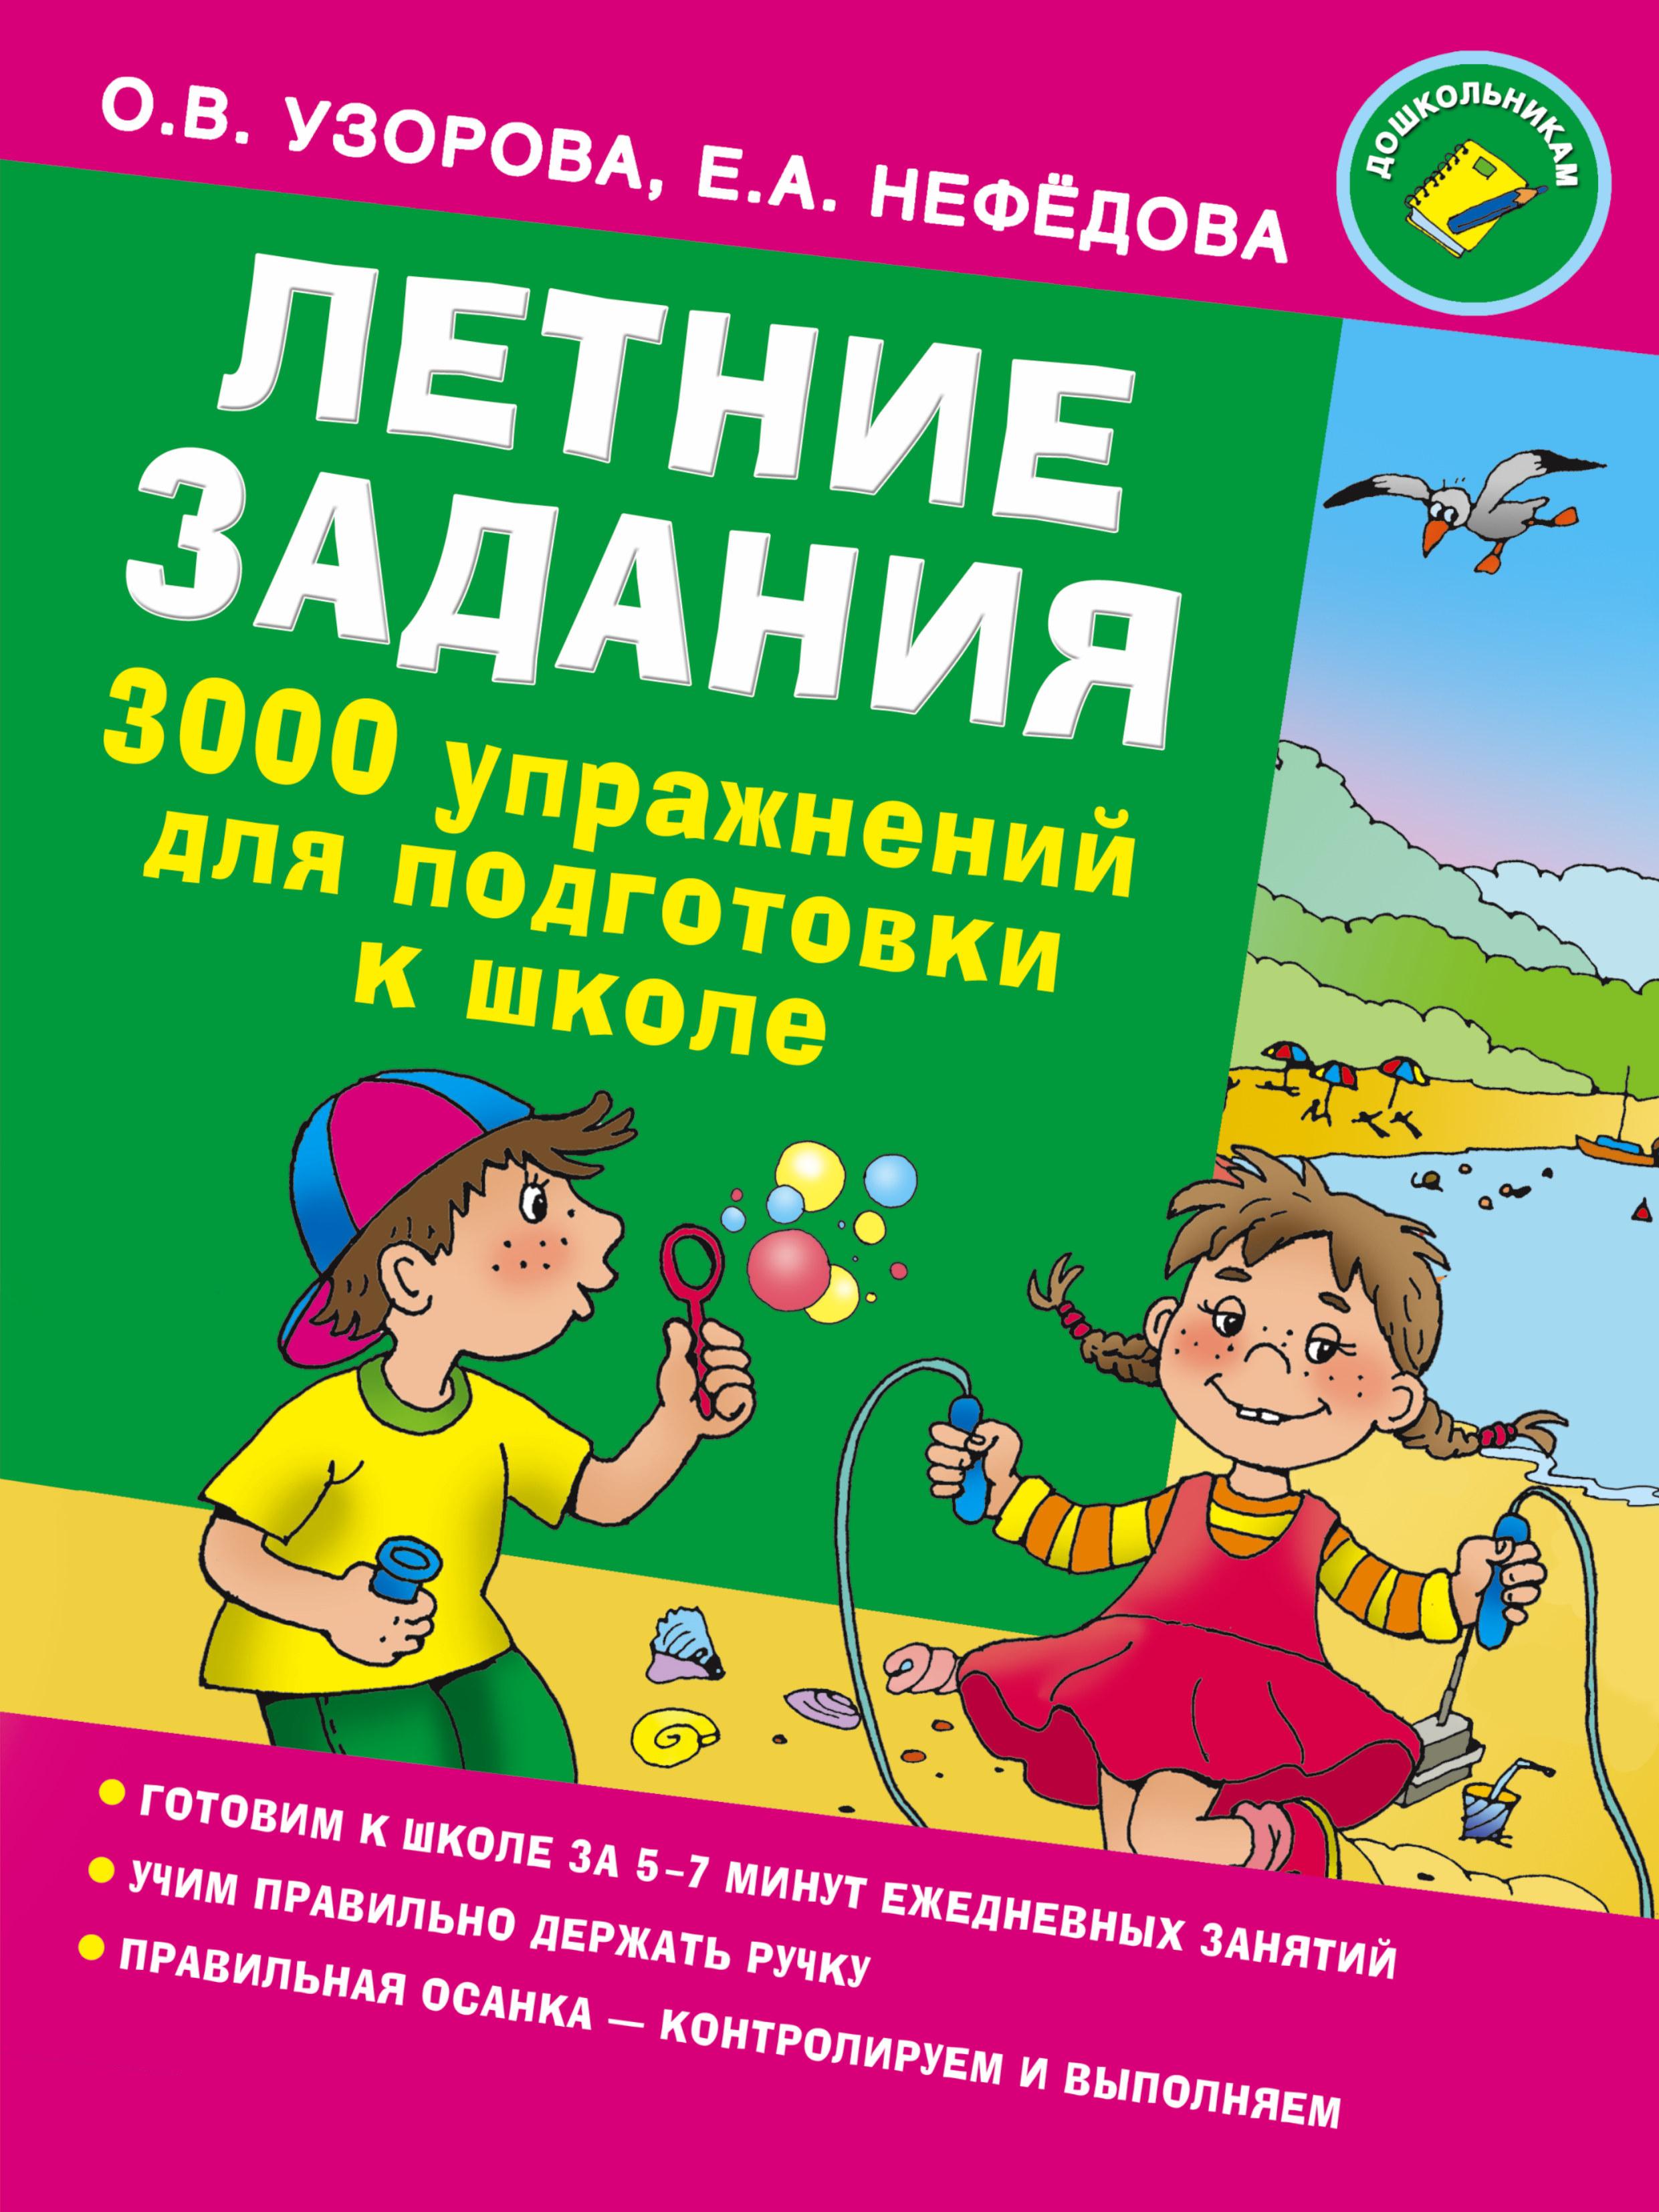 Летние задания. 3000 упражнений для подготовки к школе ( Узорова О.В., Нефедова Е.А.  )